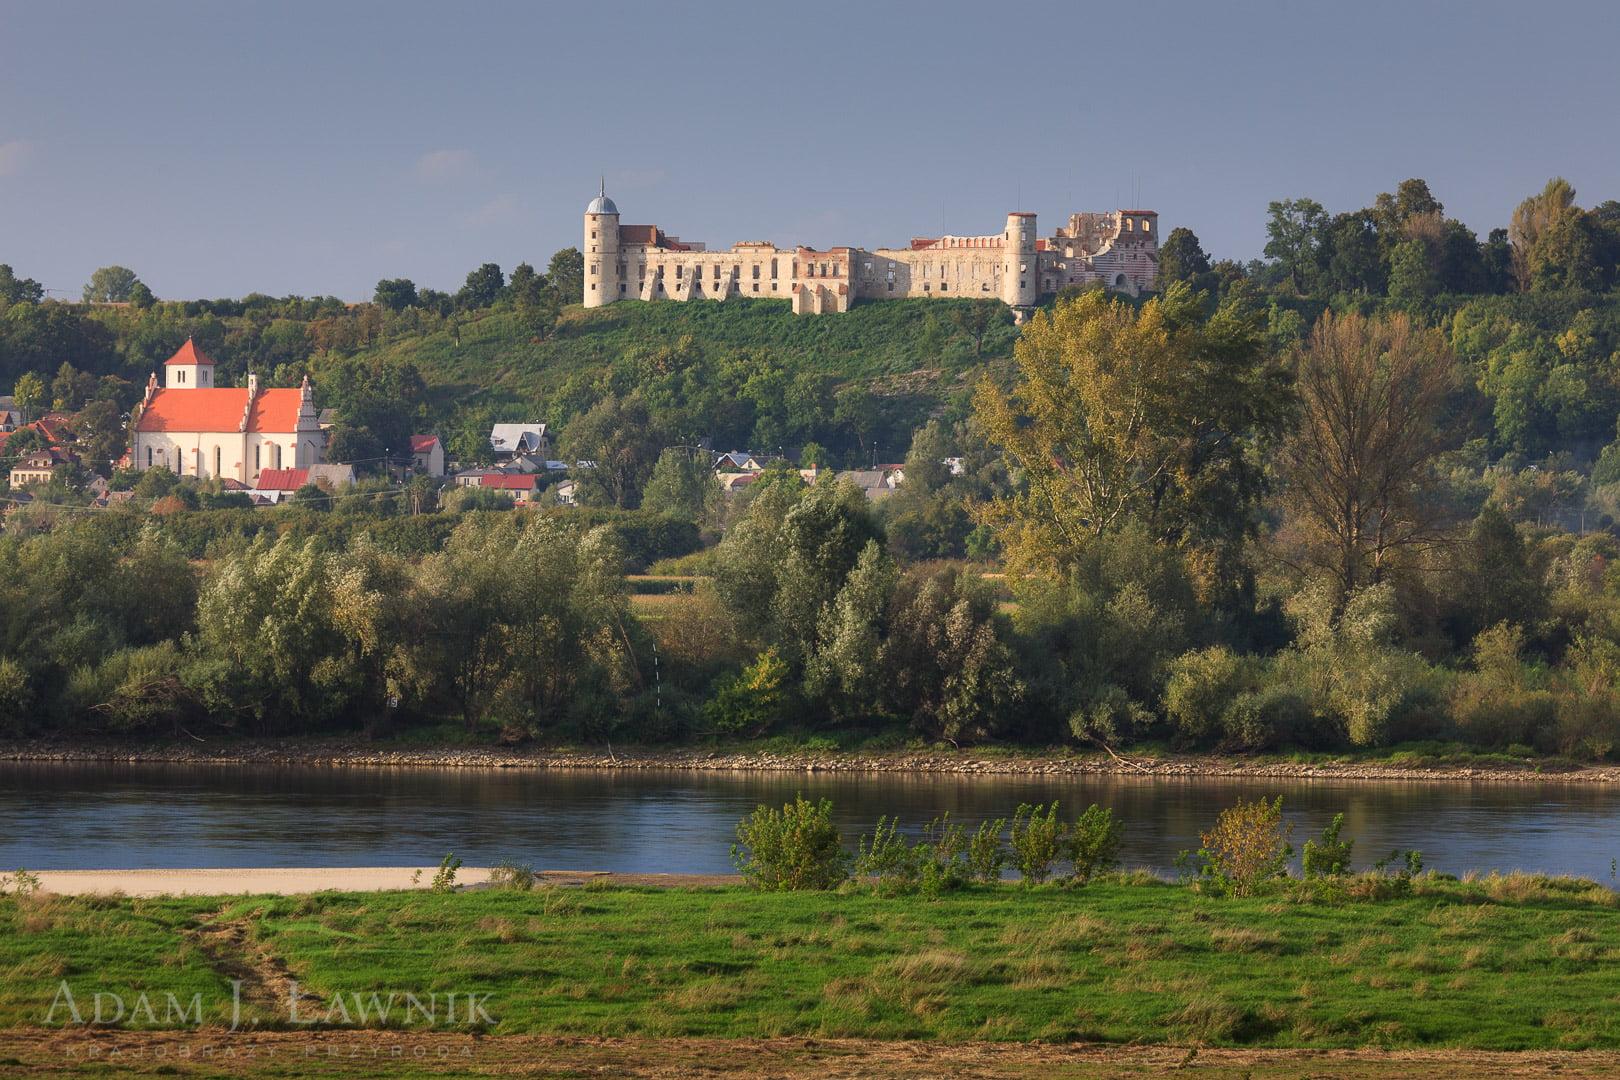 Kazimierz Dolny, Poland 1109-01986C